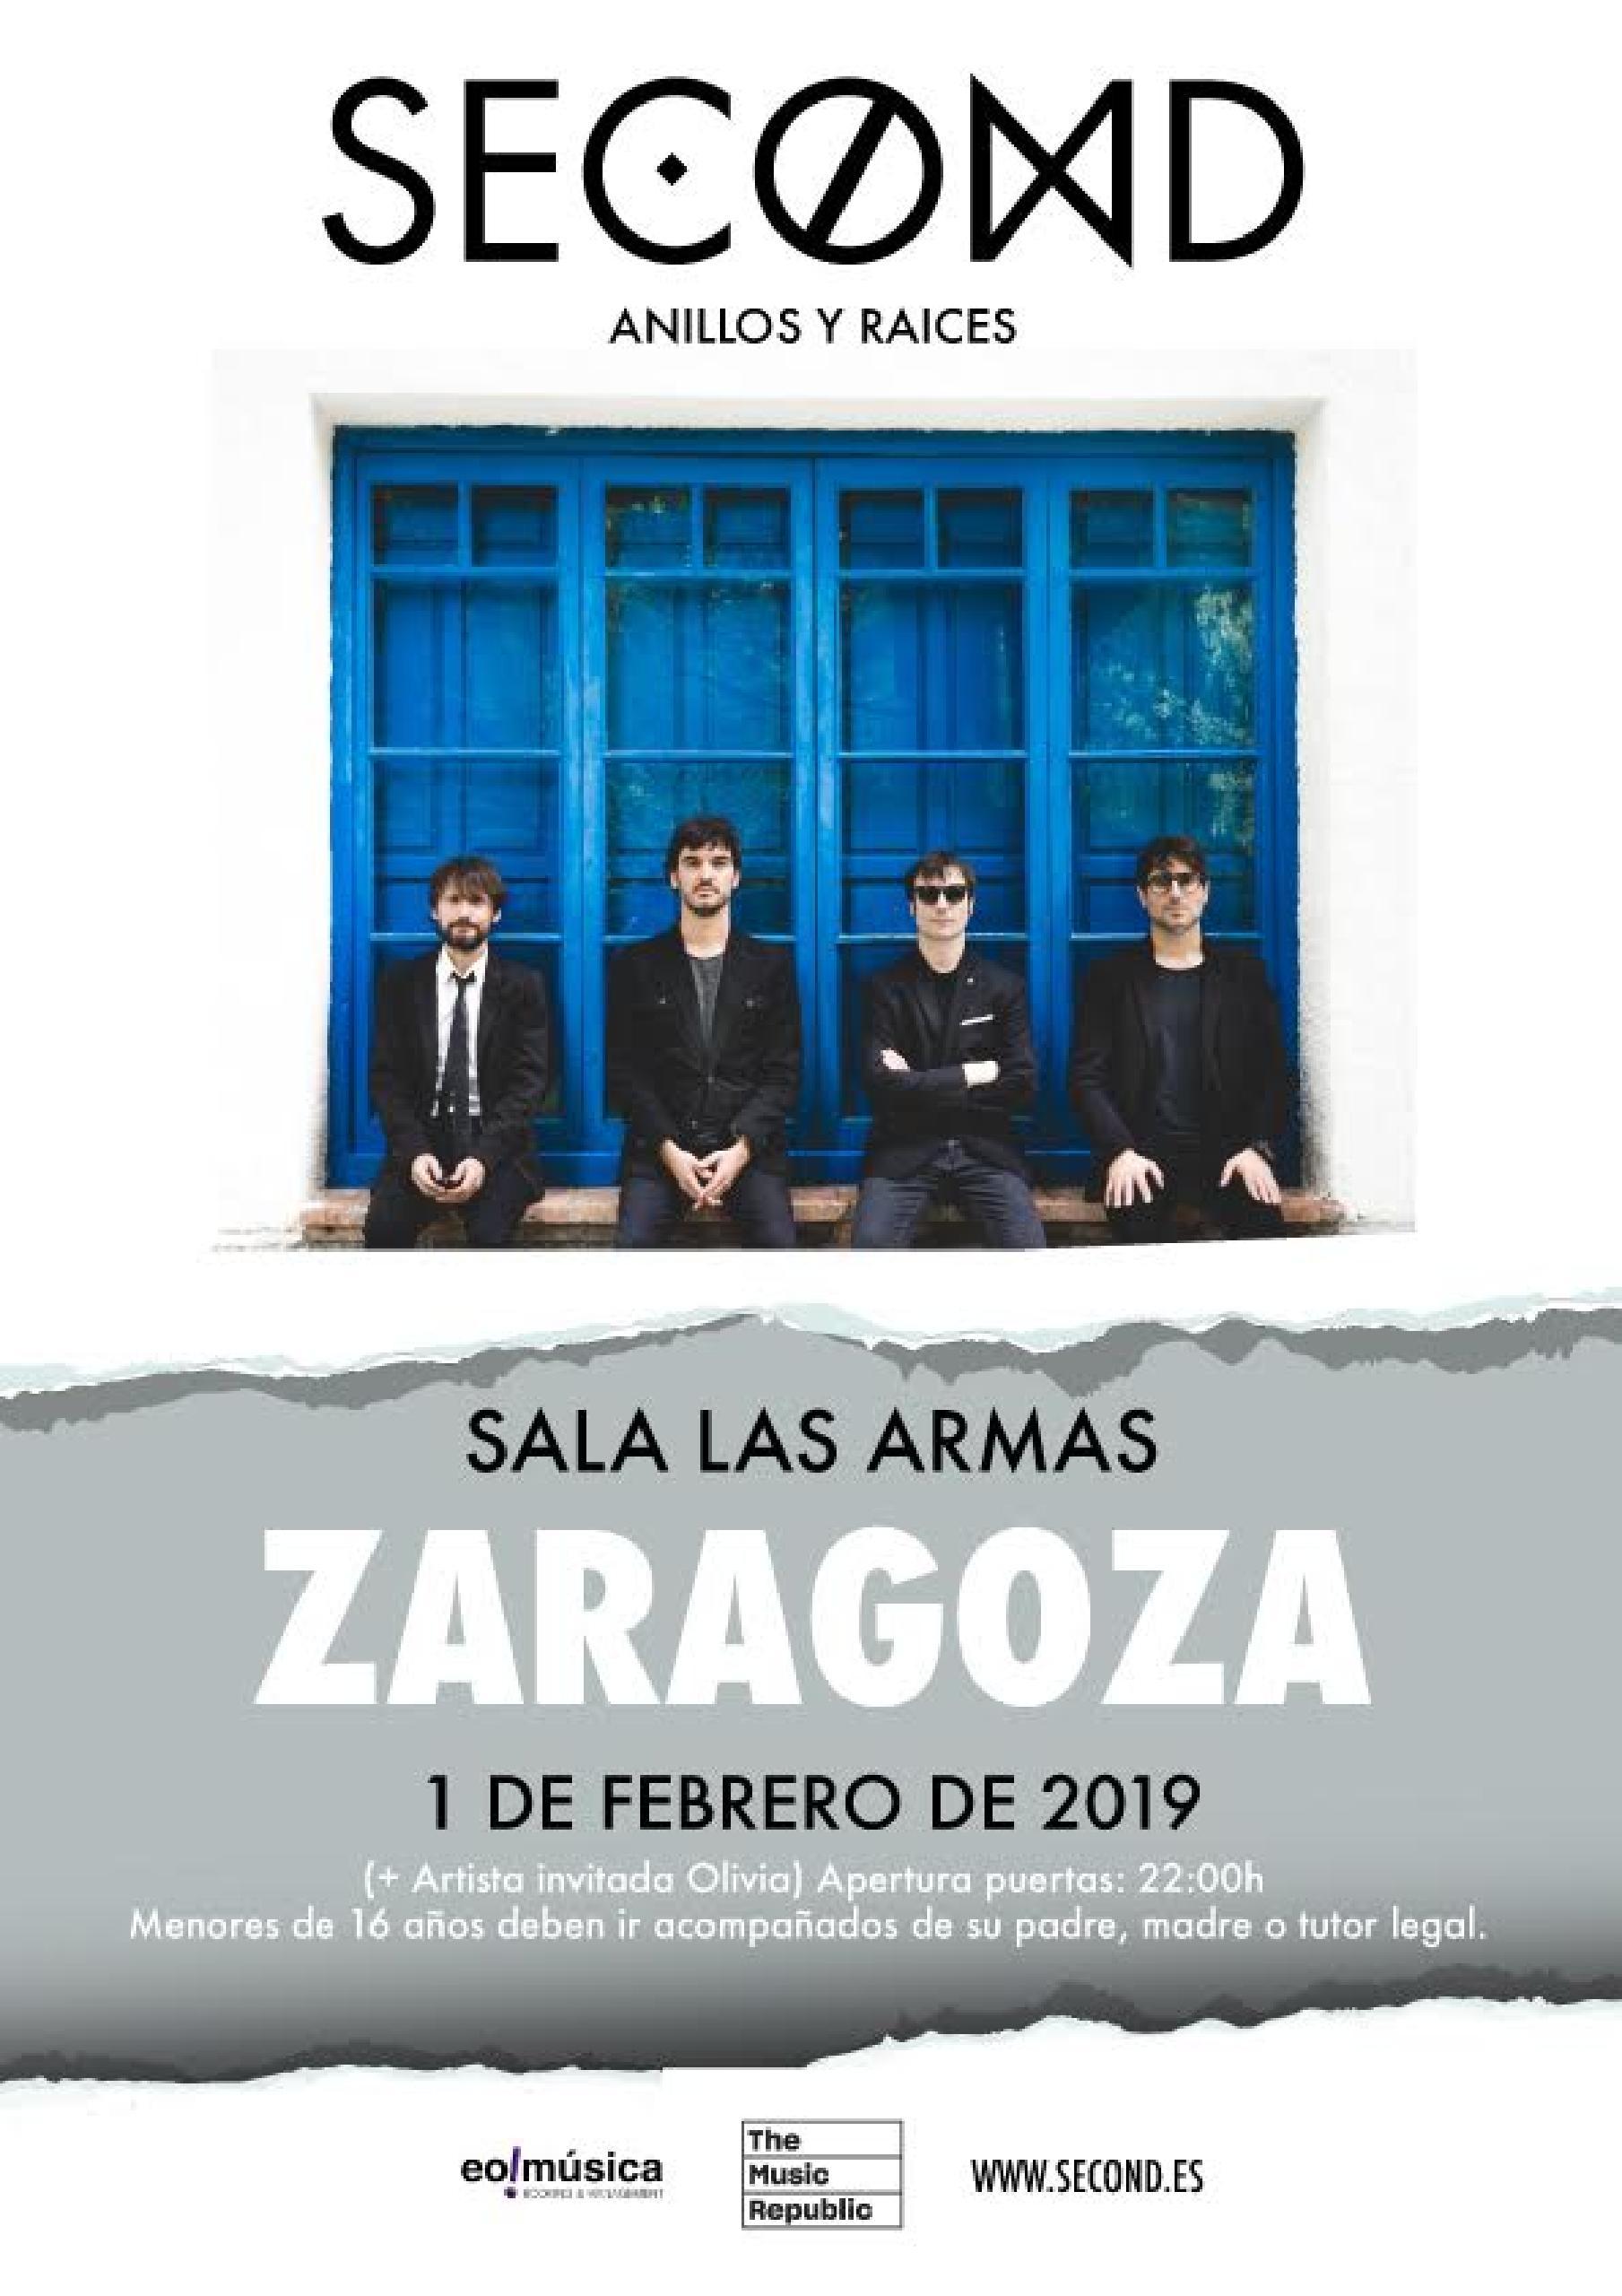 Concierto de Second en Zaragoza